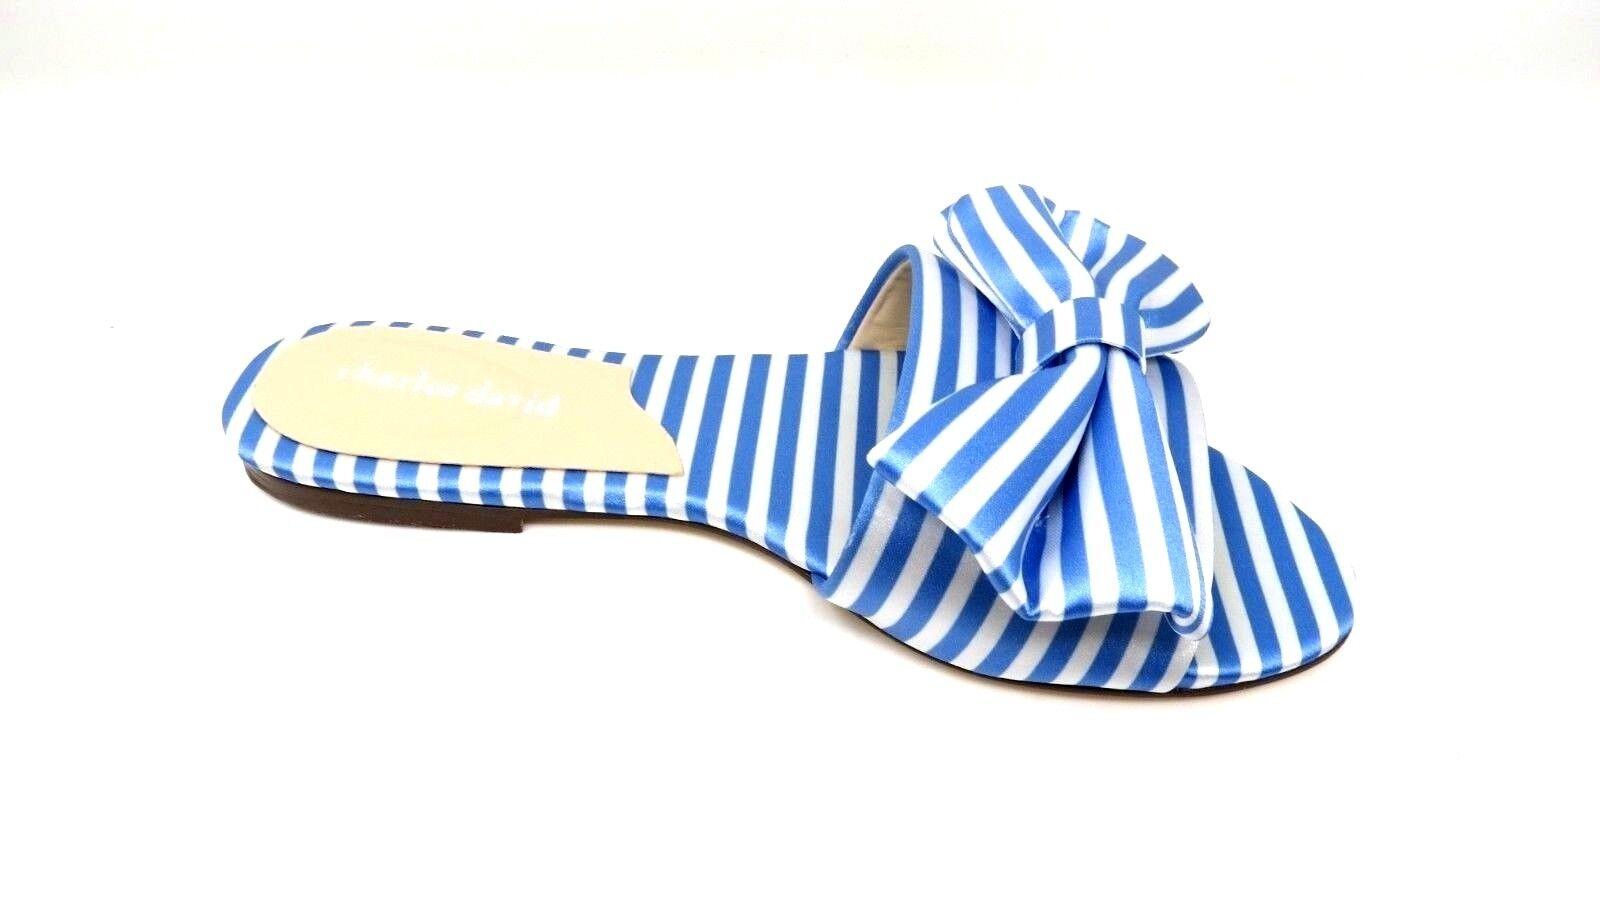 Charles David femmes Slipper Striped Canvas Slide Sandal Taille 8.5M